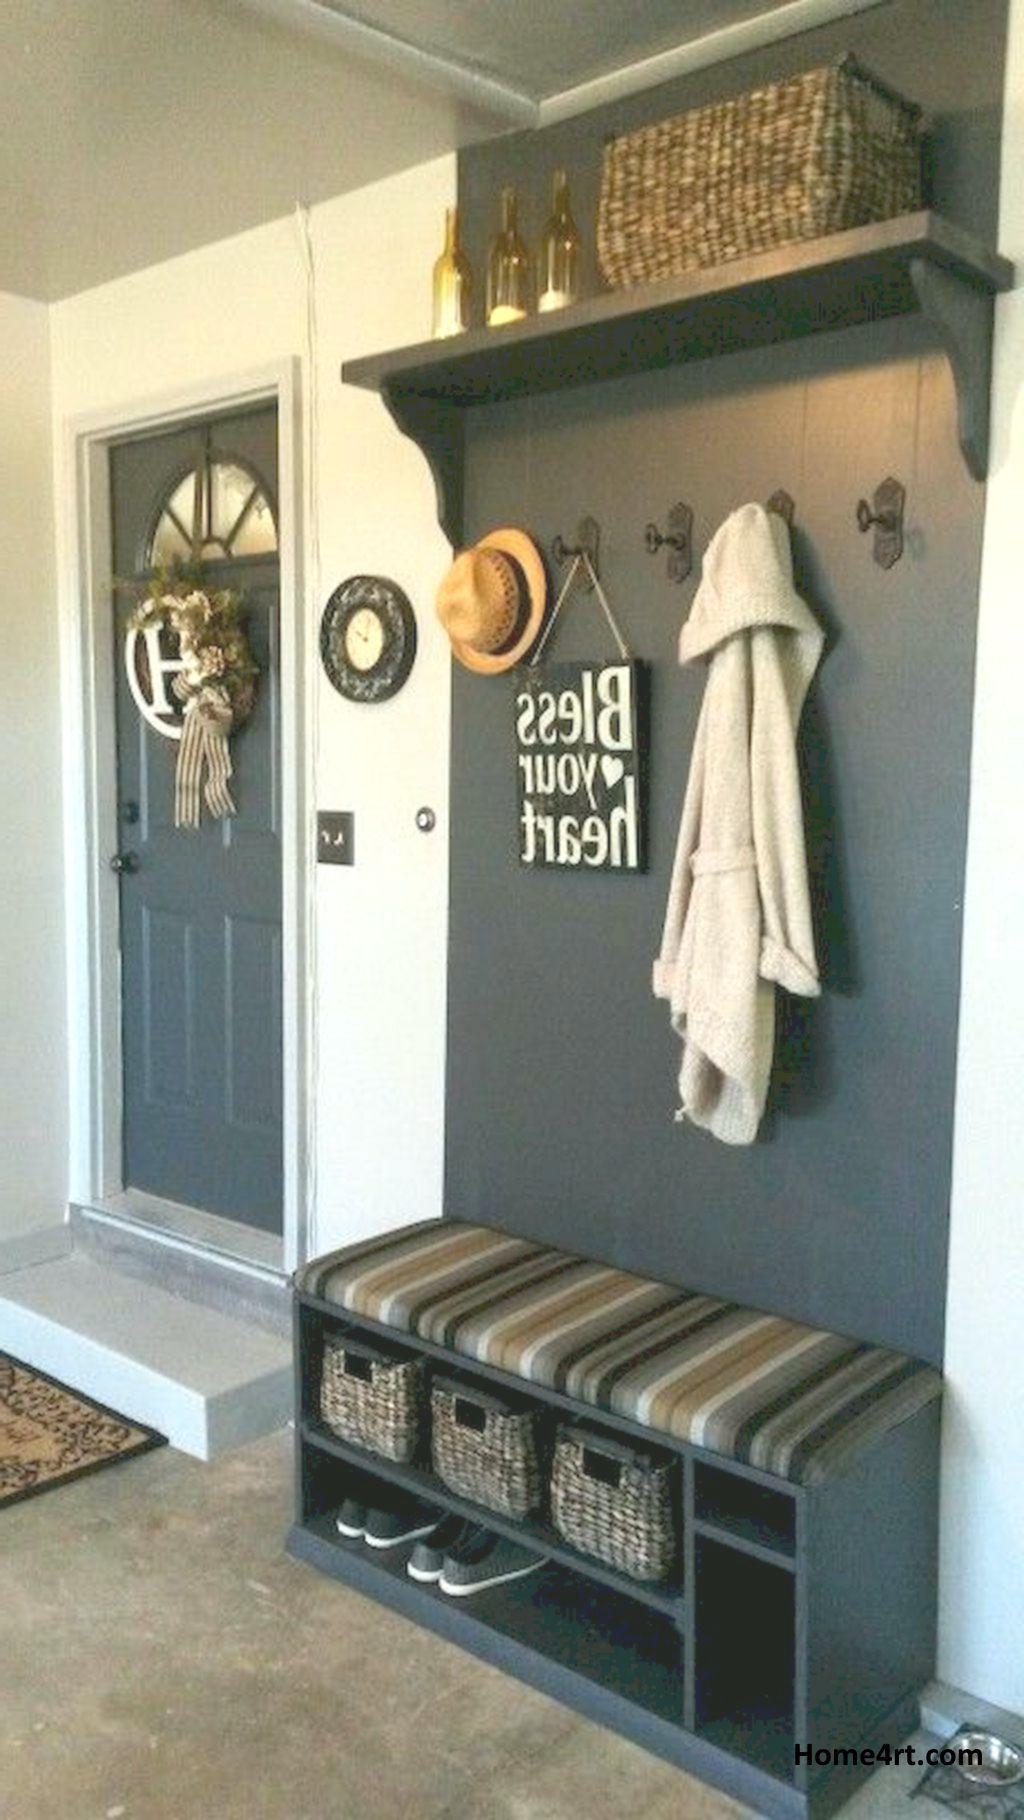 75 Brilliant Garage Organization Ideas Garageideas Garage Entryway Garage Decor Garage Room